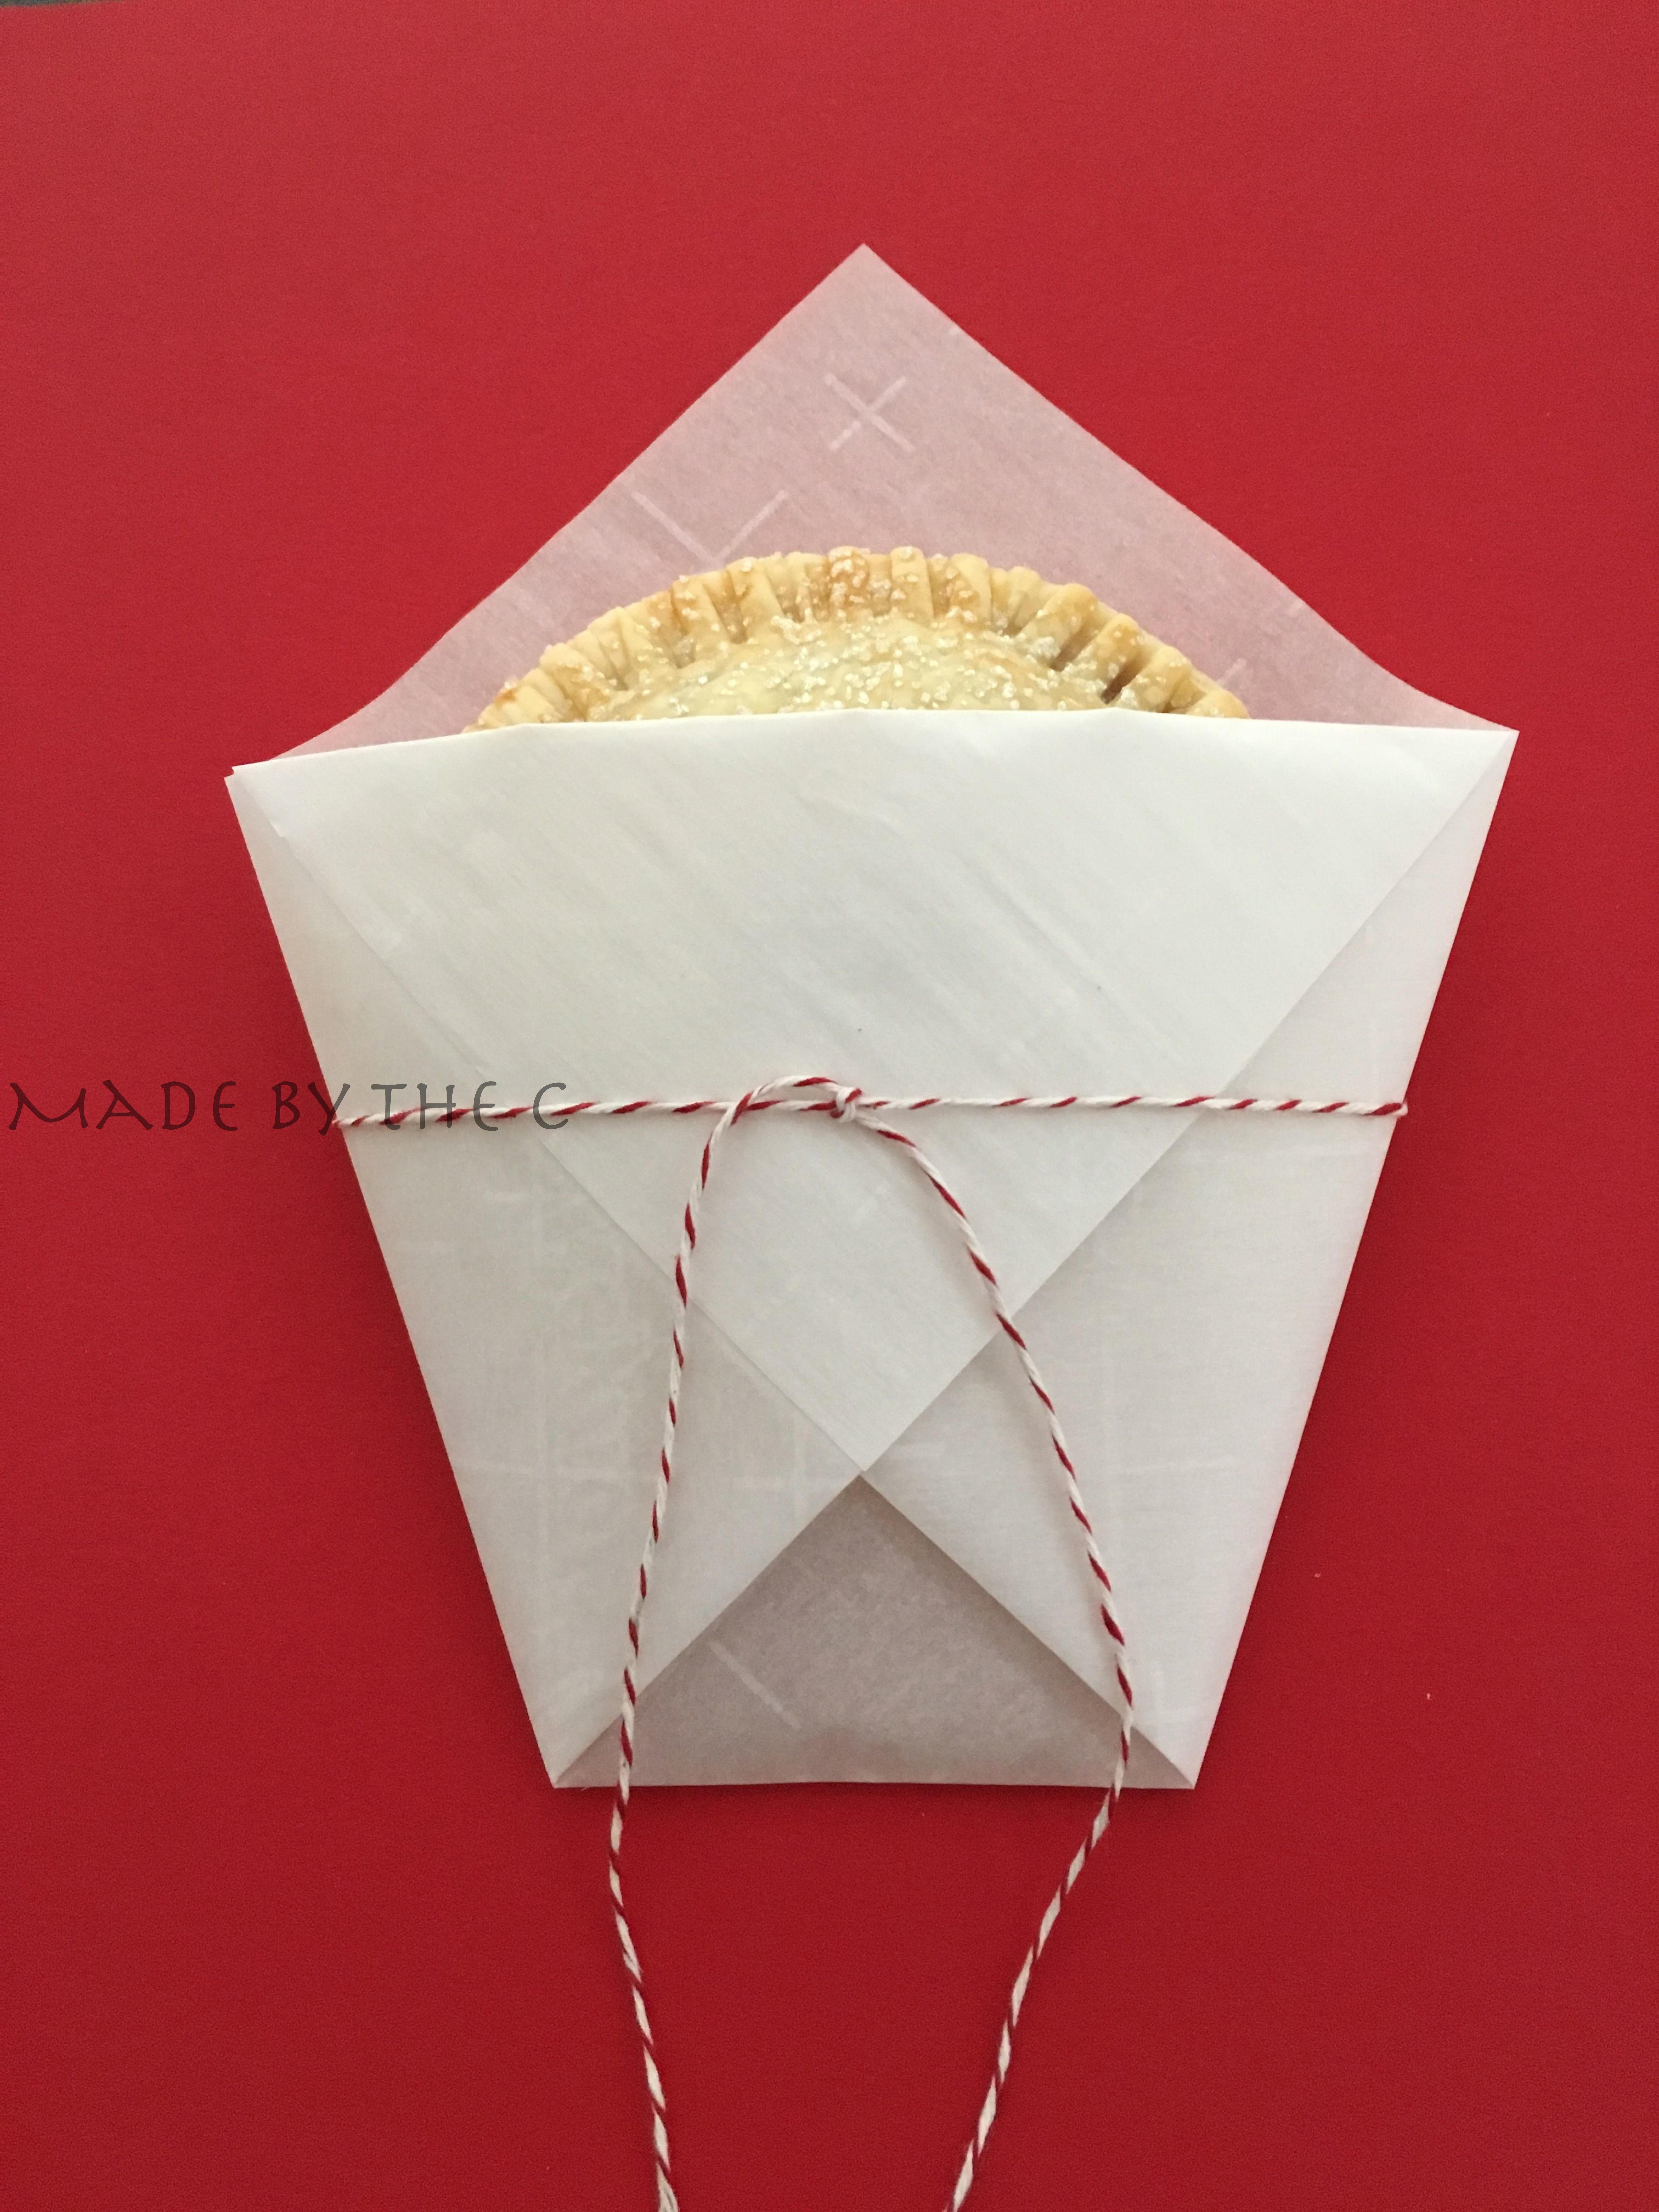 Tied baker's twine_1.jpg